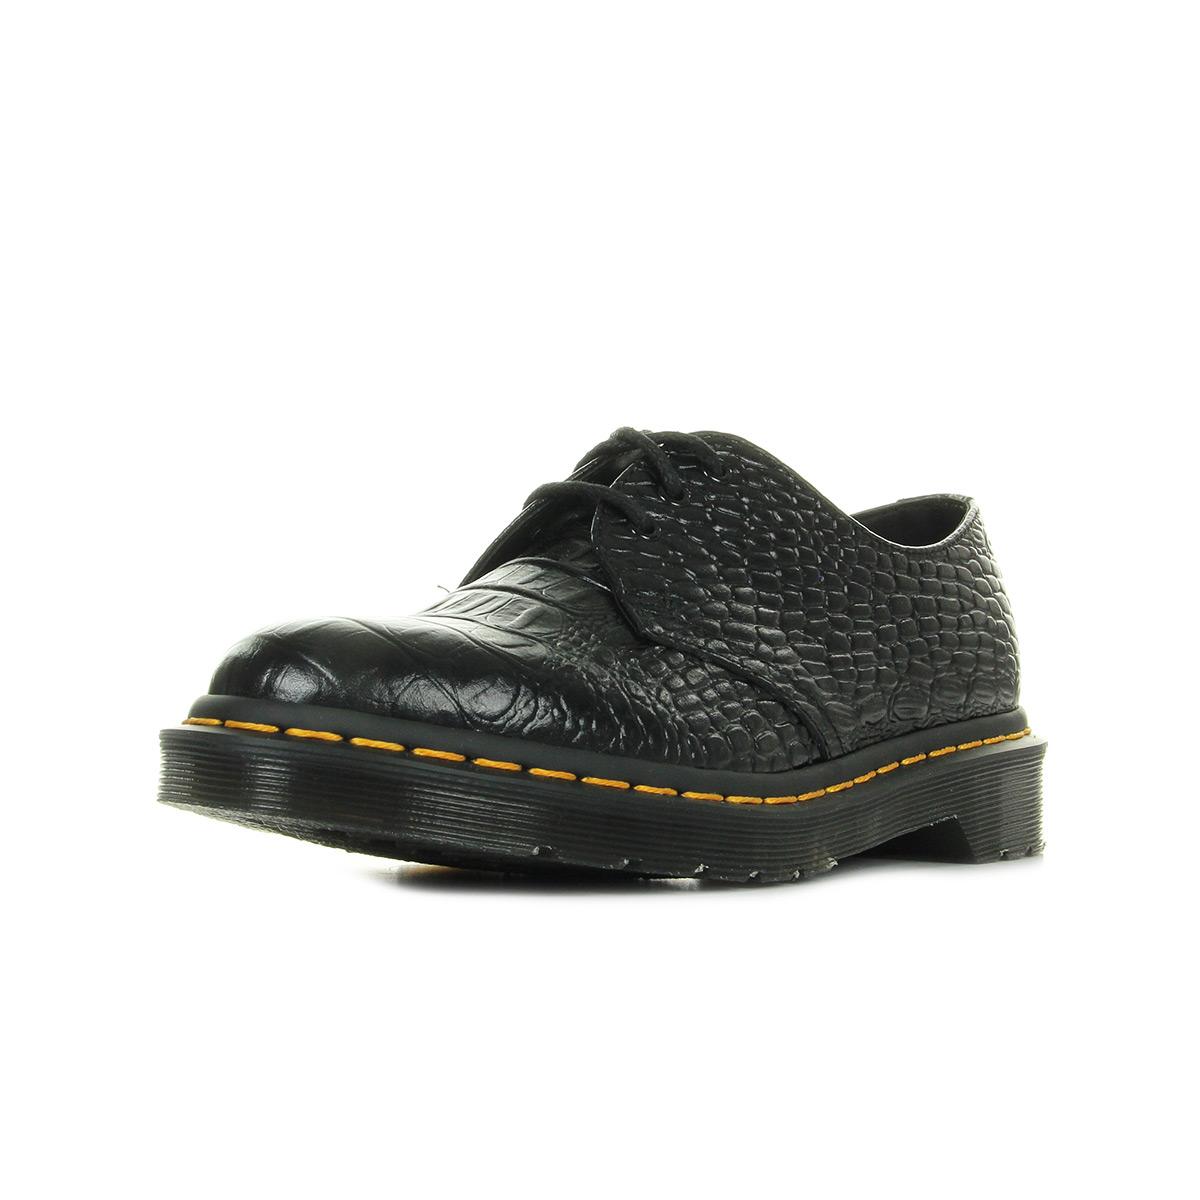 Dr Martens 1461 Croc Black noir - Chaussures Chaussure-Ville Femme